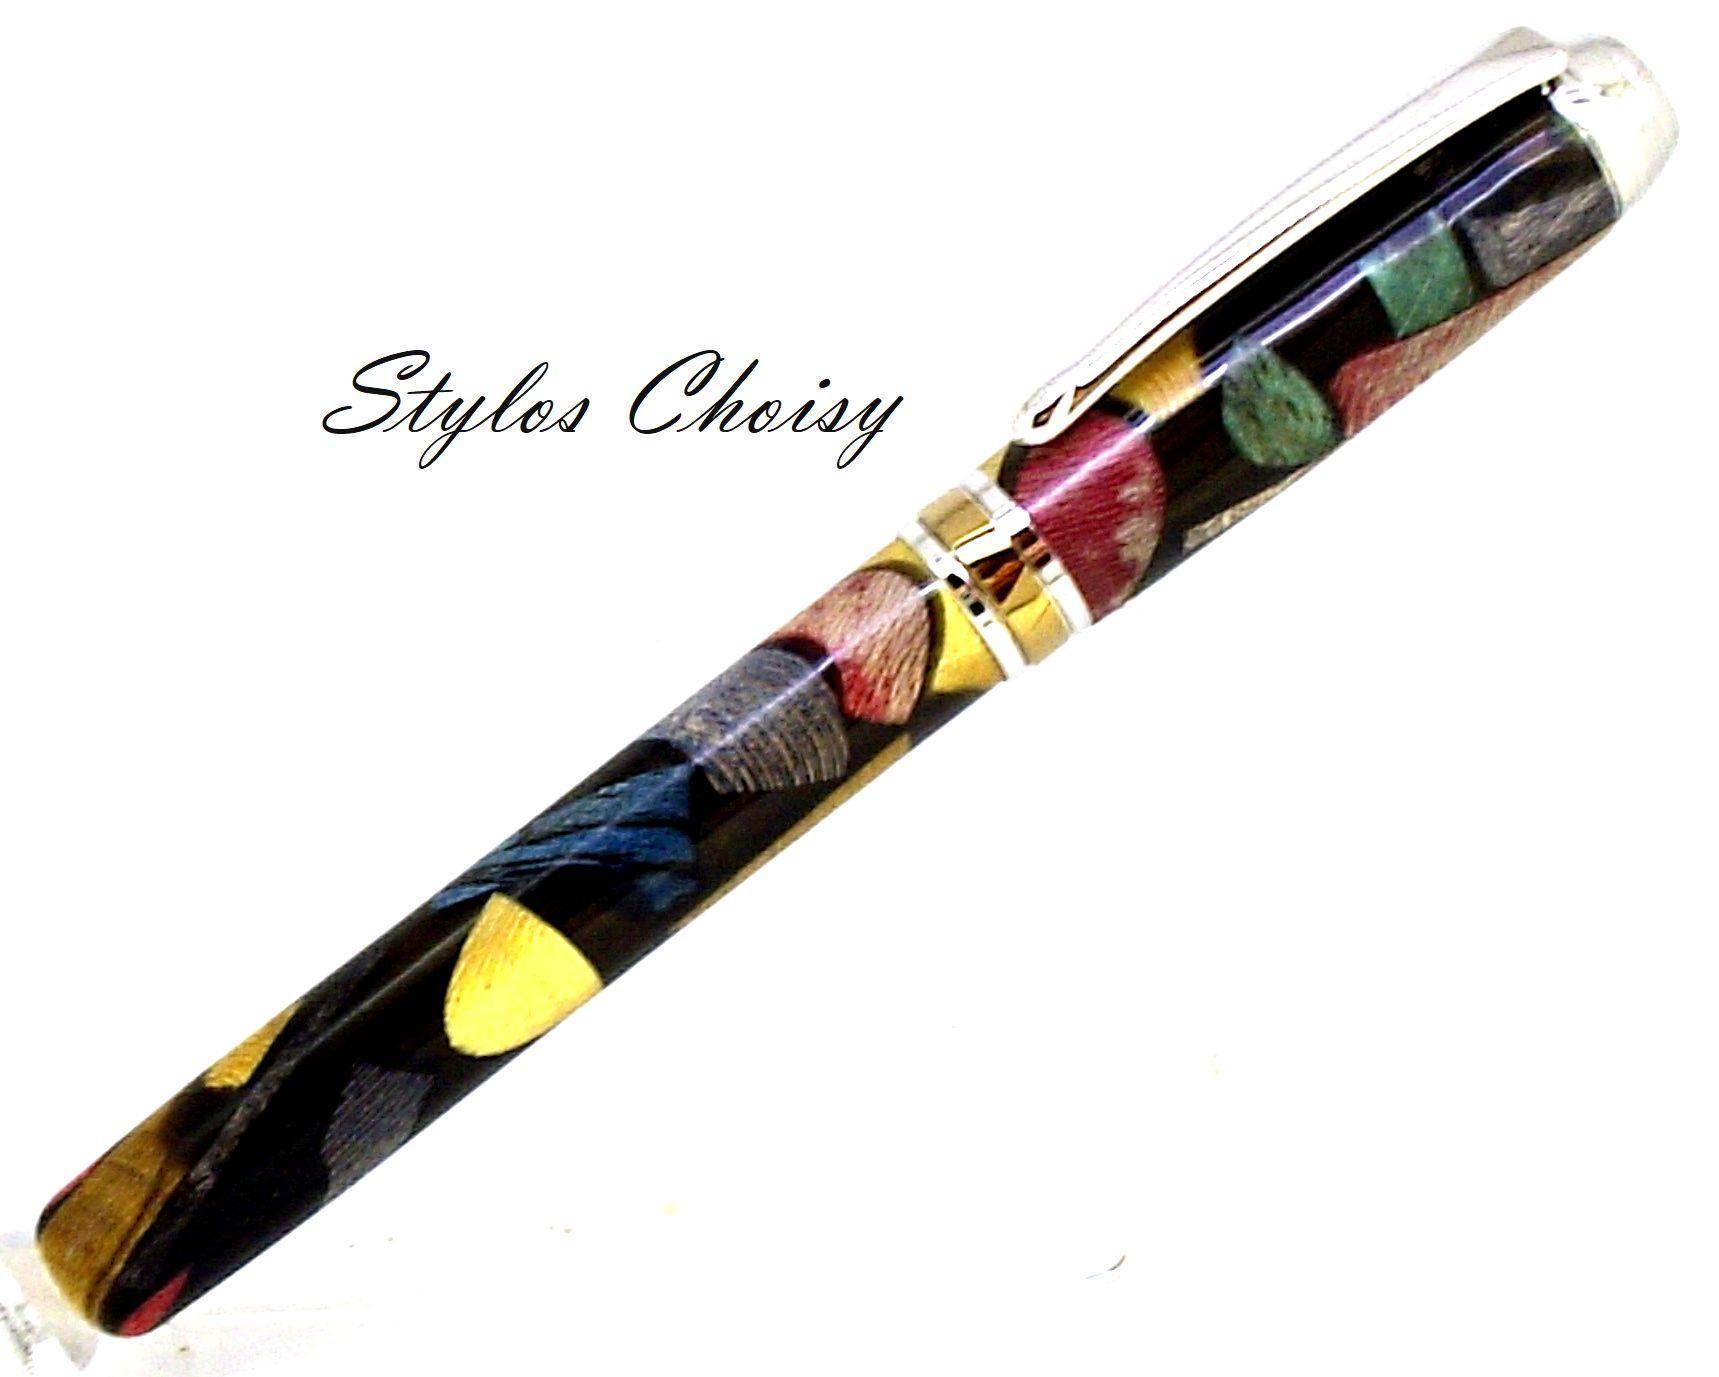 Plume serenite inclusion bois precieux dans resine noire platine et titanium 2